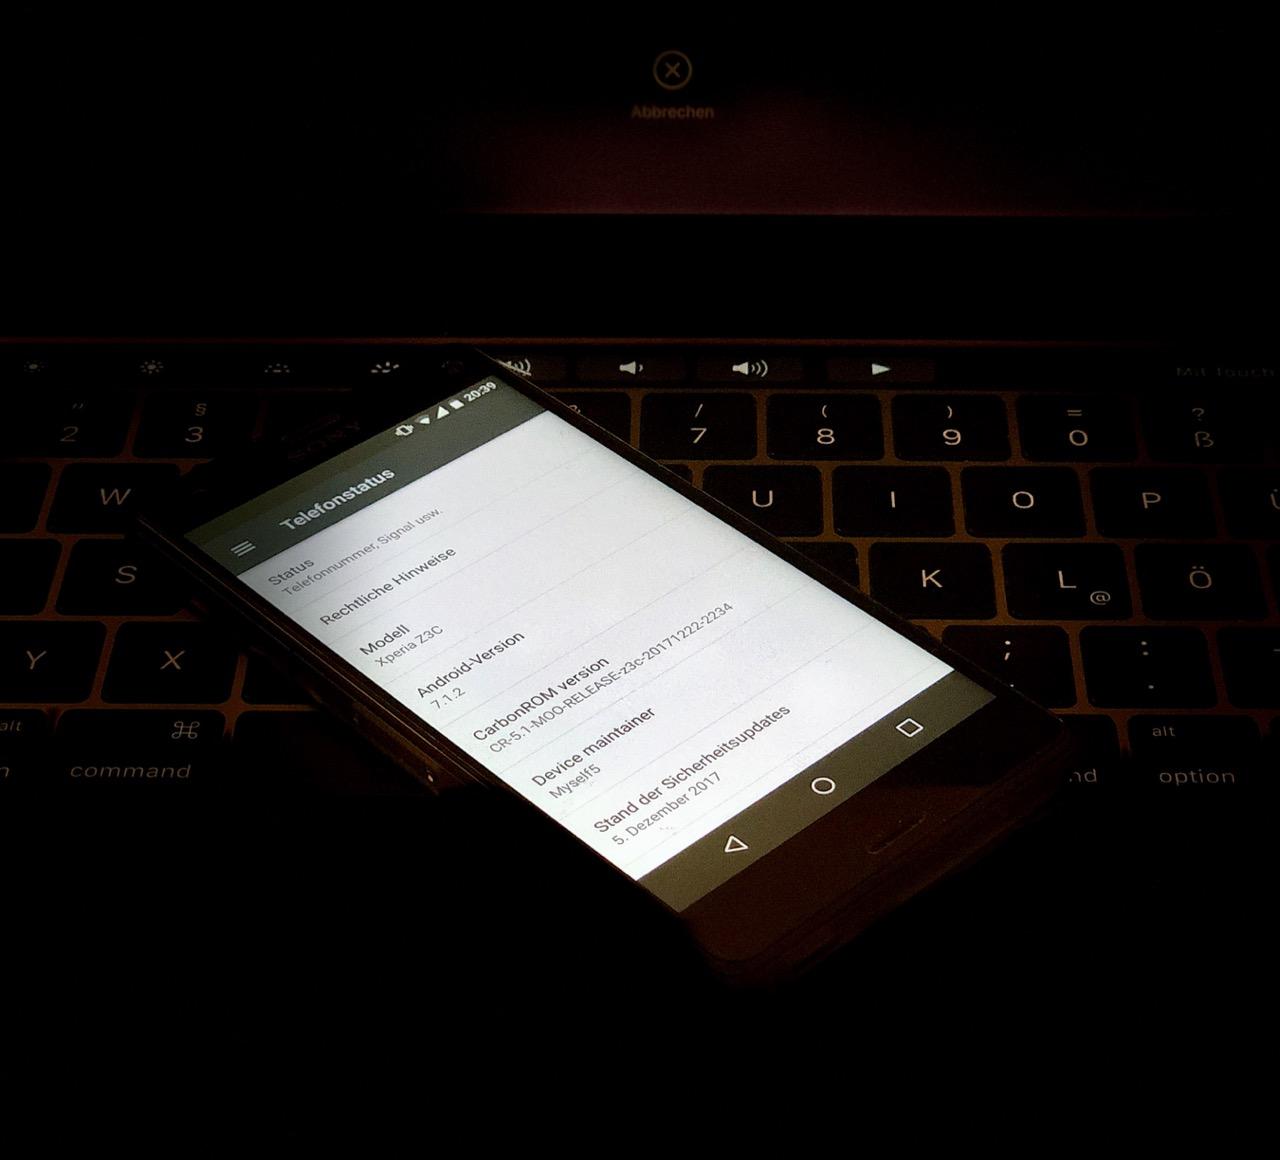 Sony Z3 Compact mit Android 7.1.2 - nur über Custom-ROMs möglich